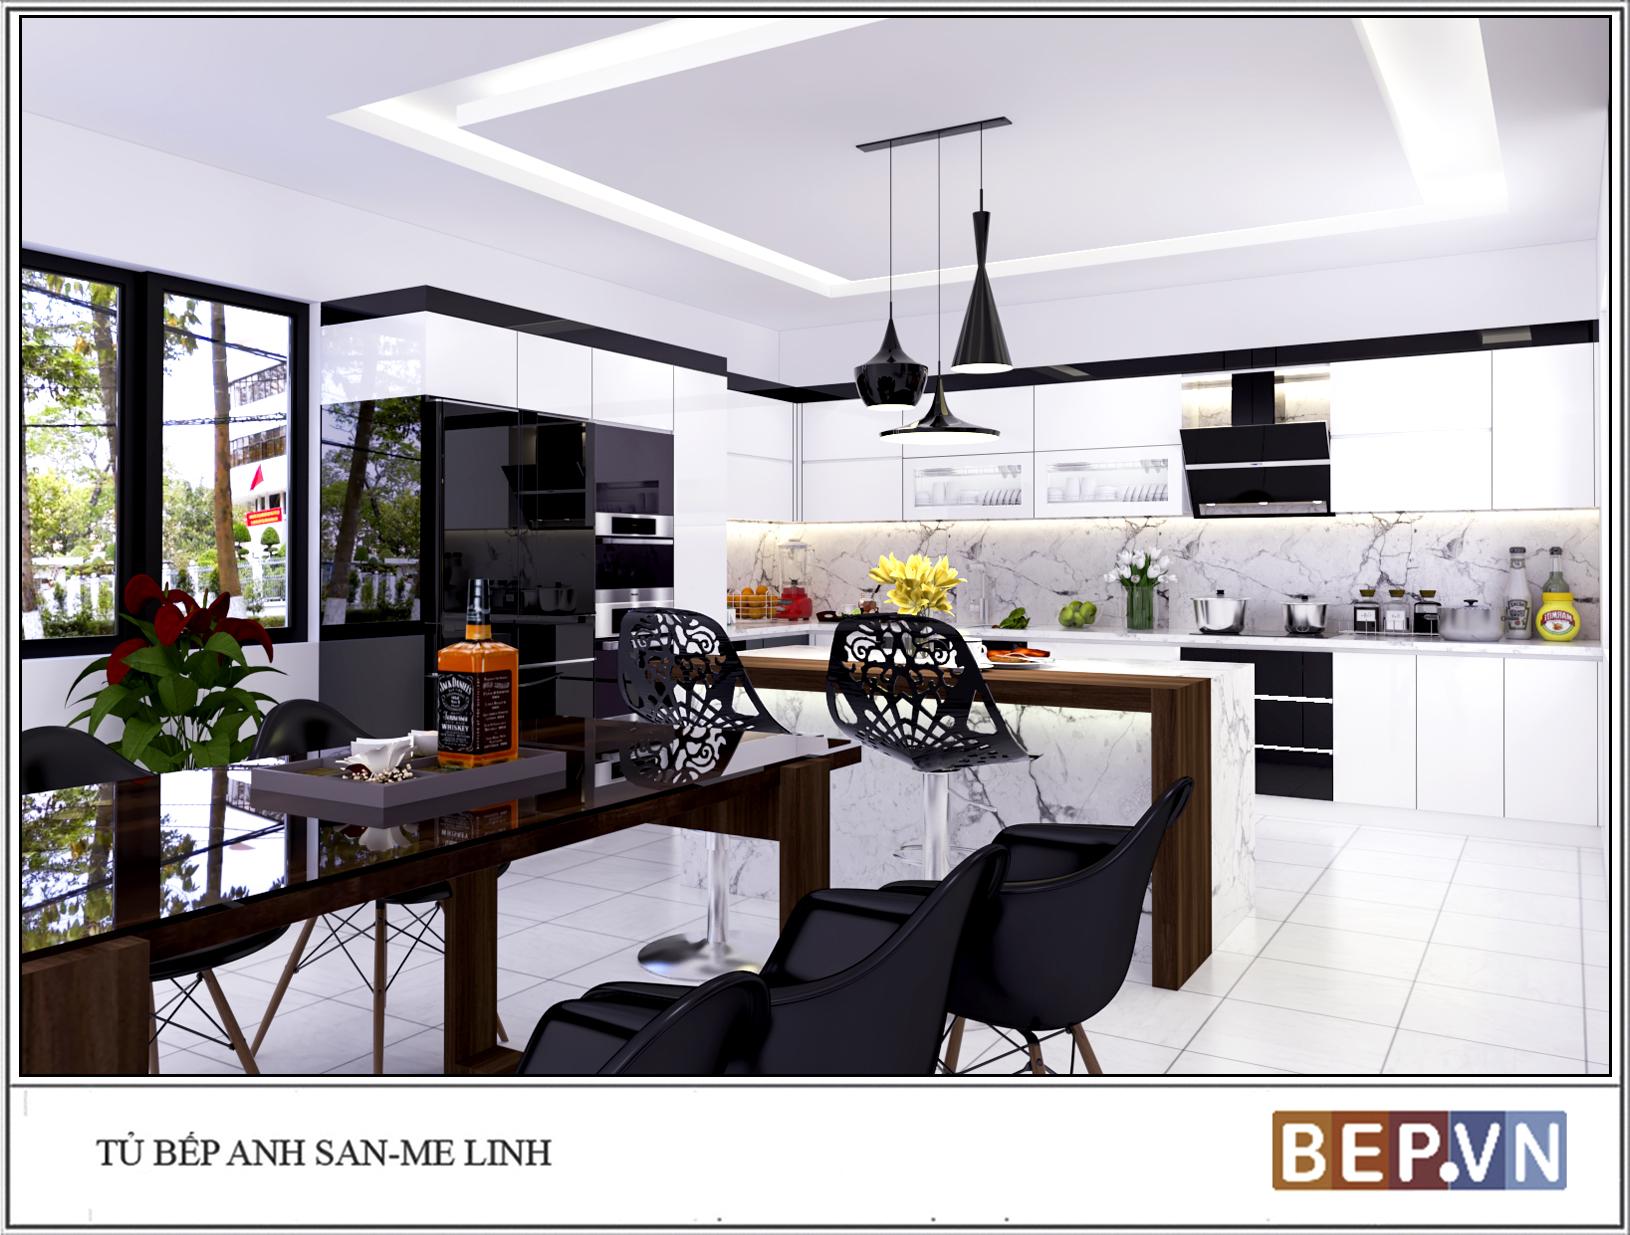 Tư vấn trang trí nội thất phòng bếp theo phong cách hiện đại